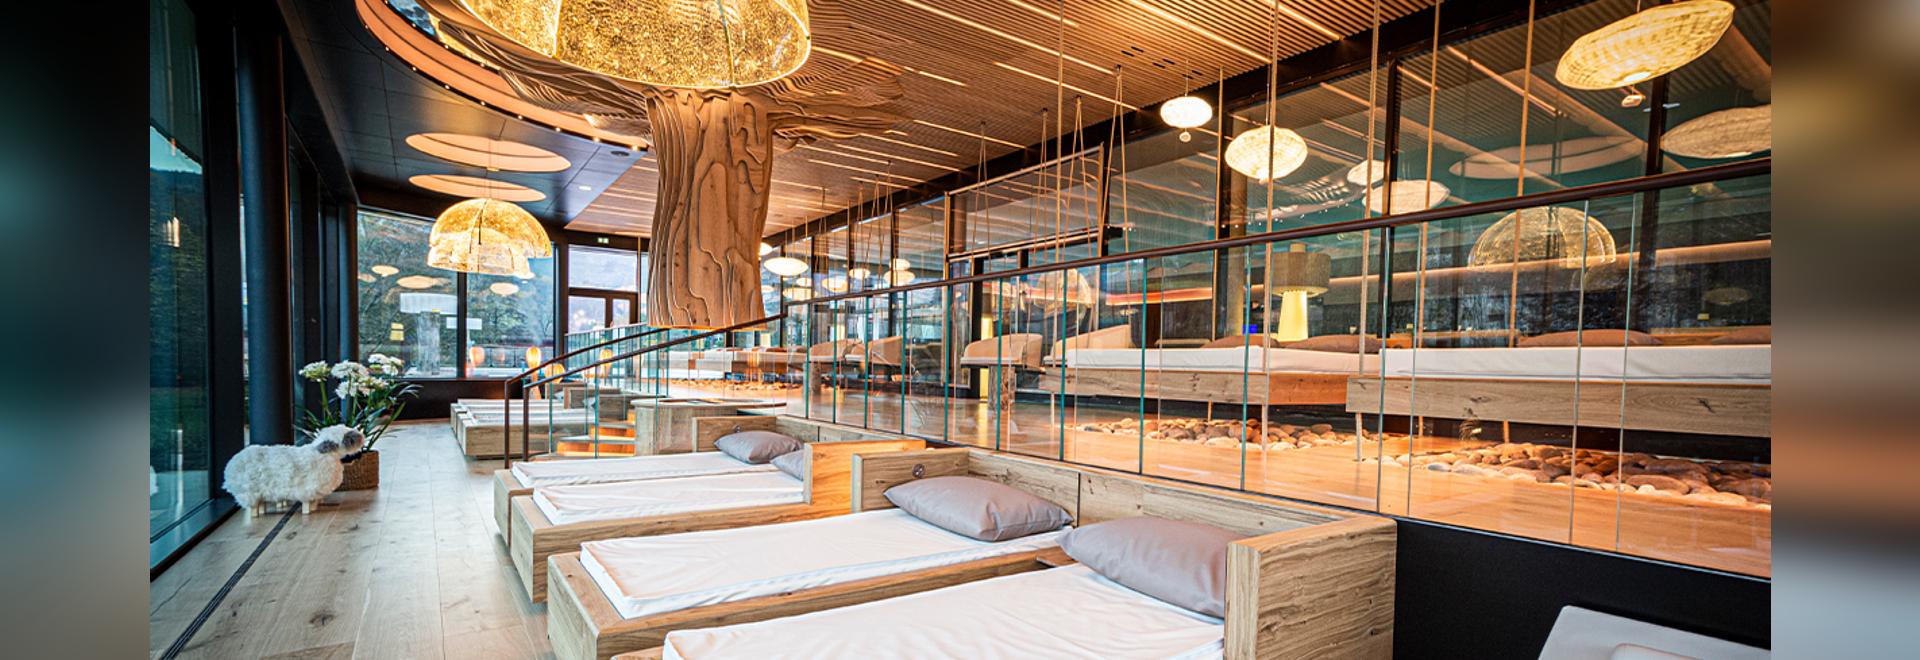 Hotel Restaurante & Spa Julien